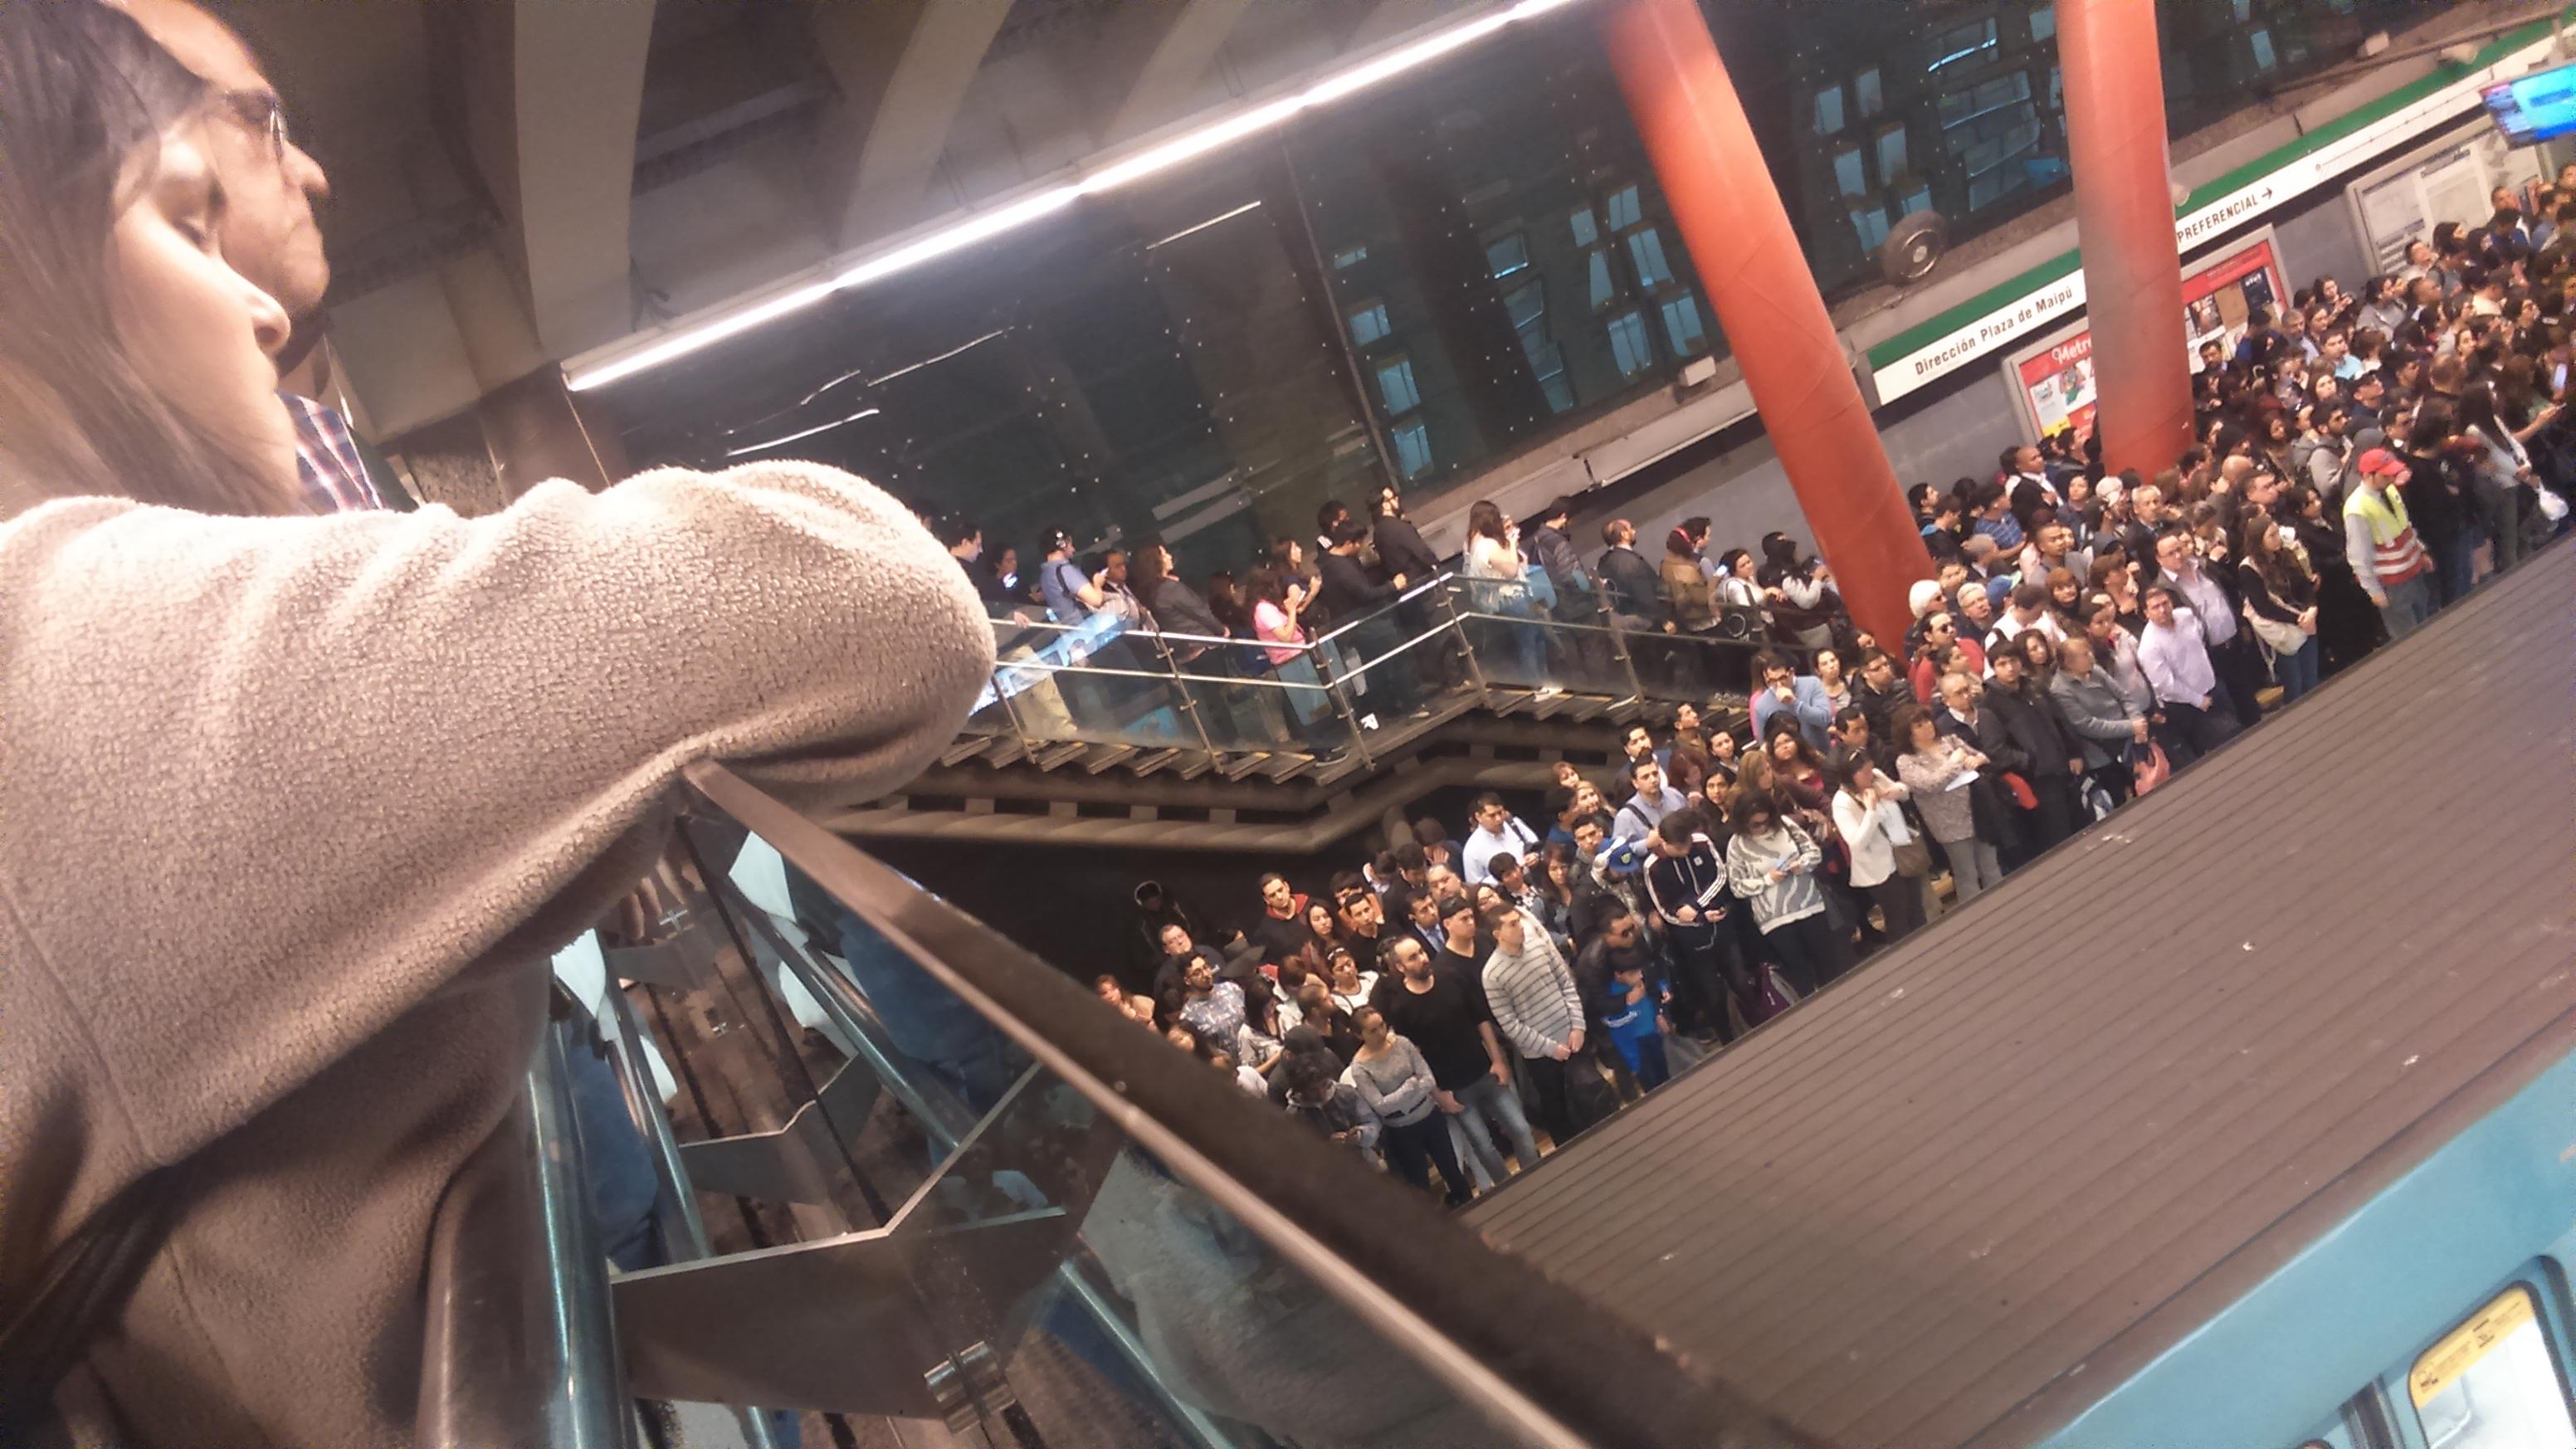 Diputado propone segregación de vagones para evitar acoso sexual en el Metro